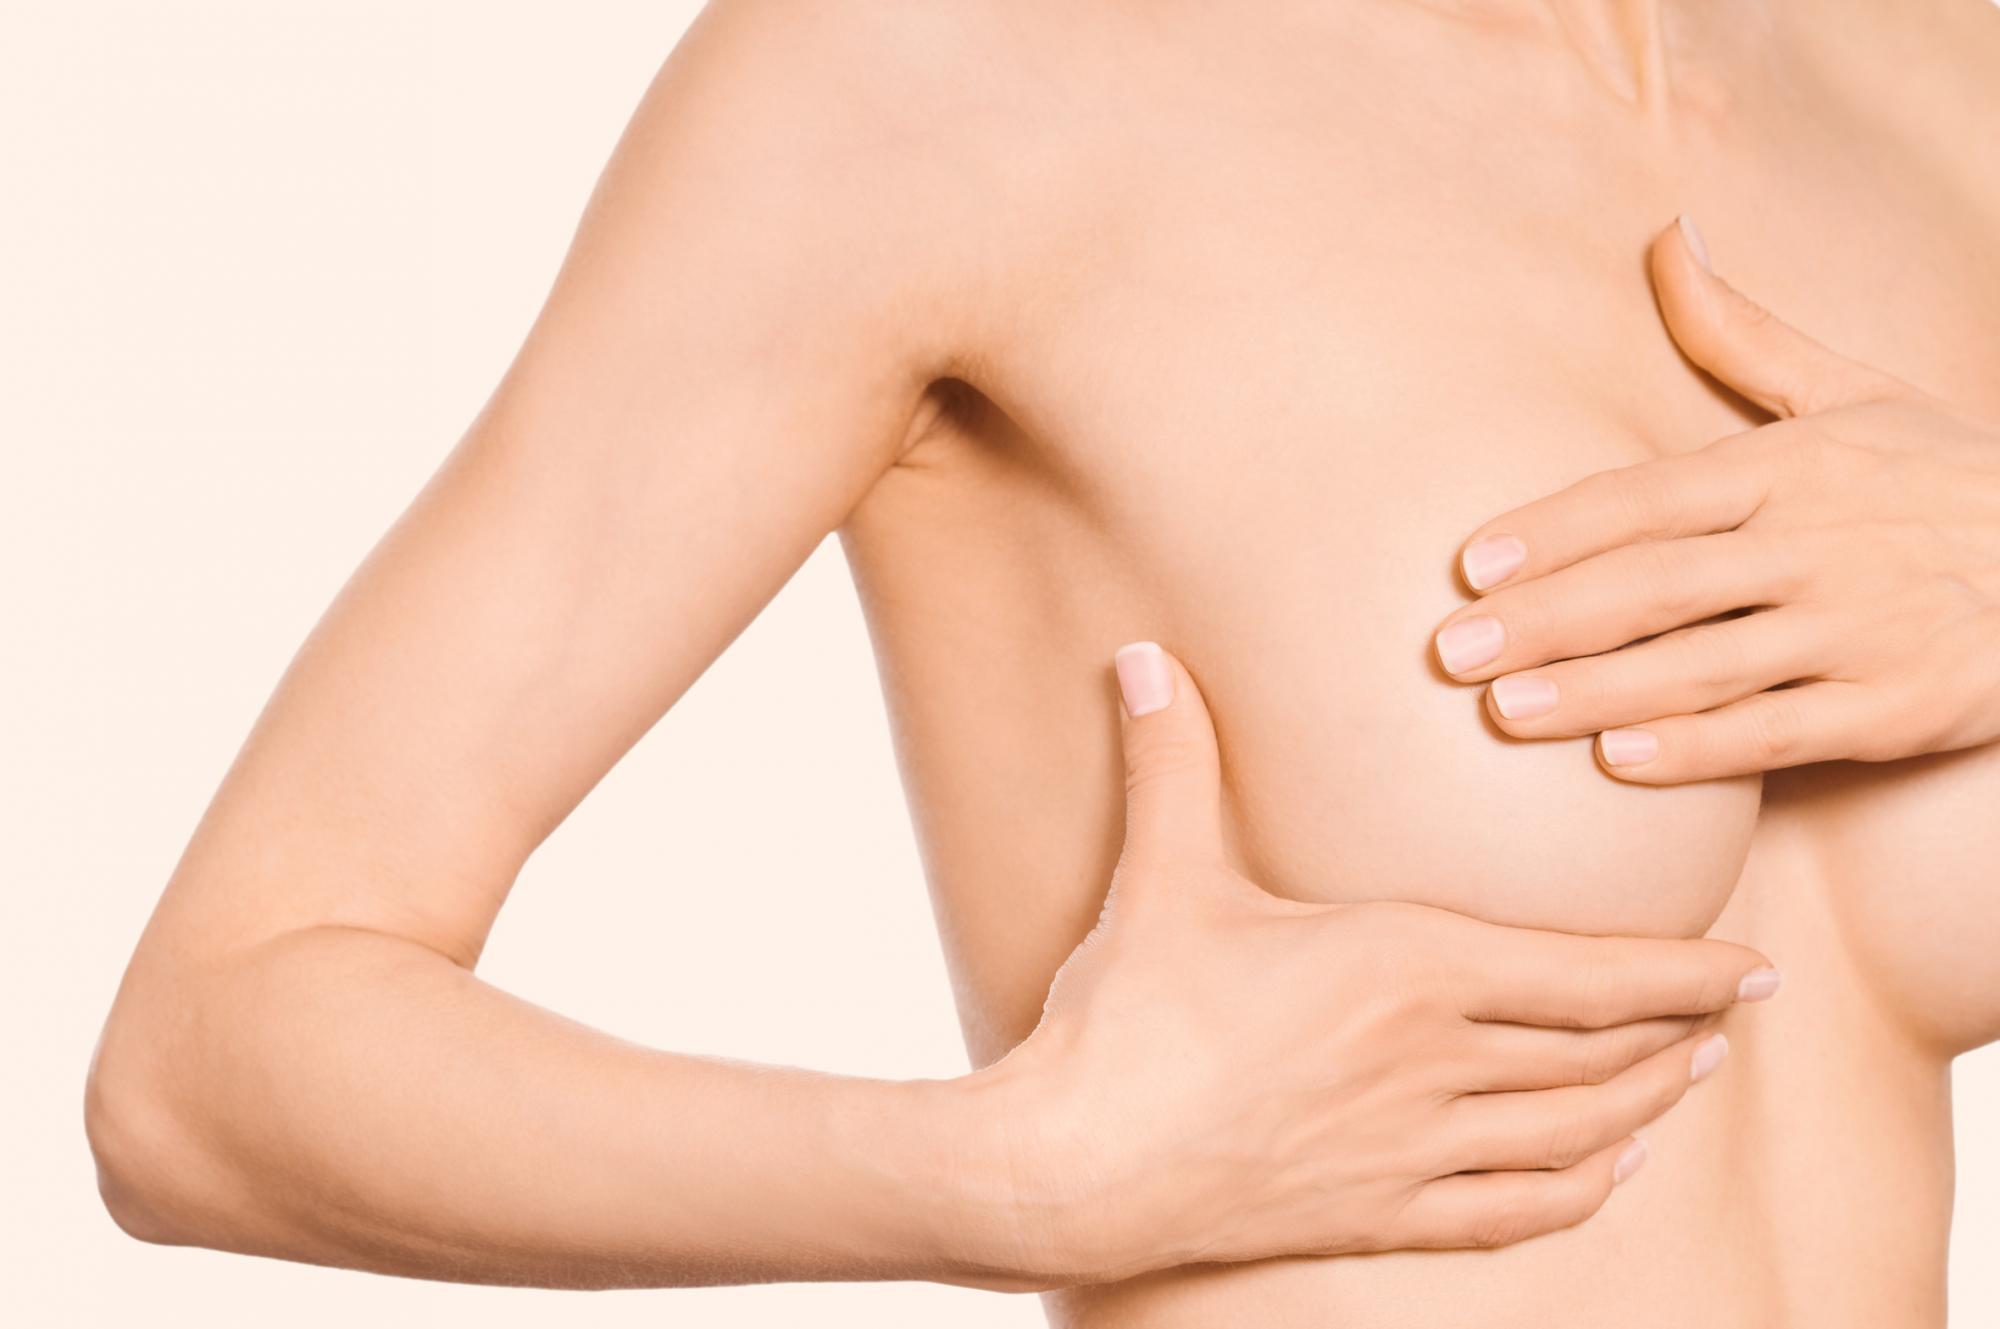 Лимфаденопатия слева молочной железы